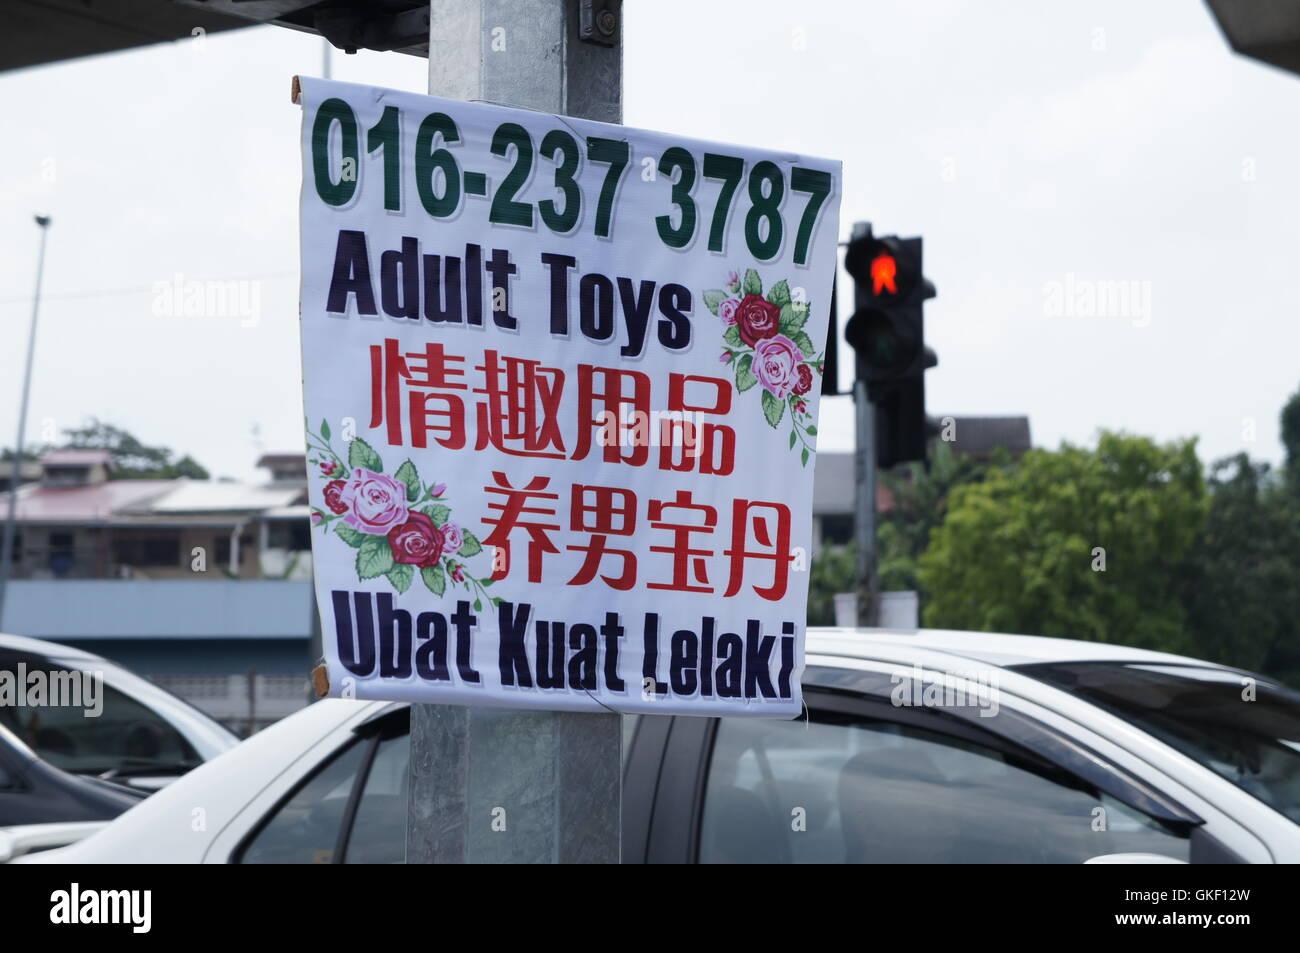 kaufen erwachsenen spielzeug